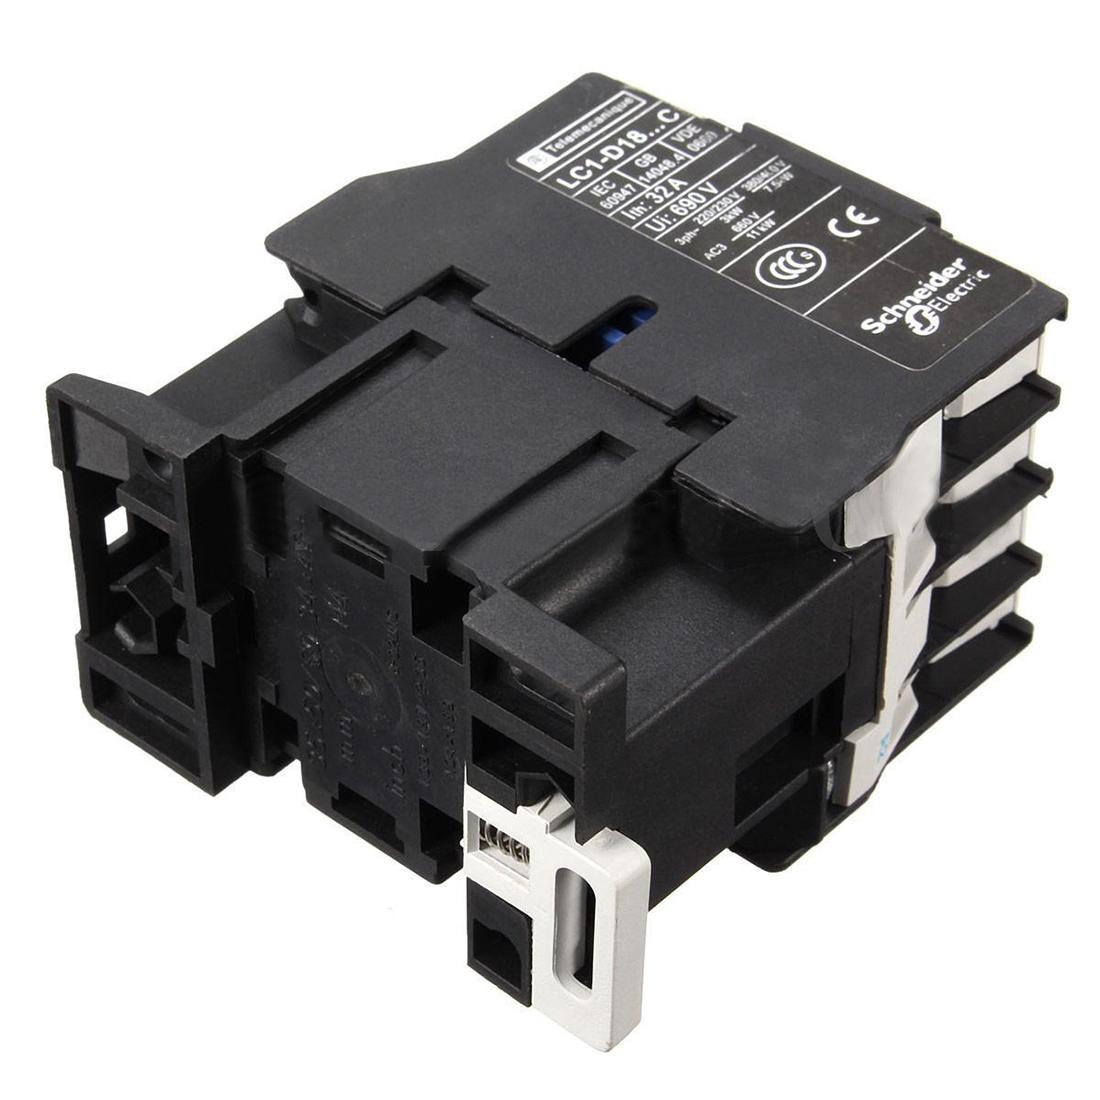 Power Ac Contactor 1no Ac 220v 50 60hz Coil Motor Starter